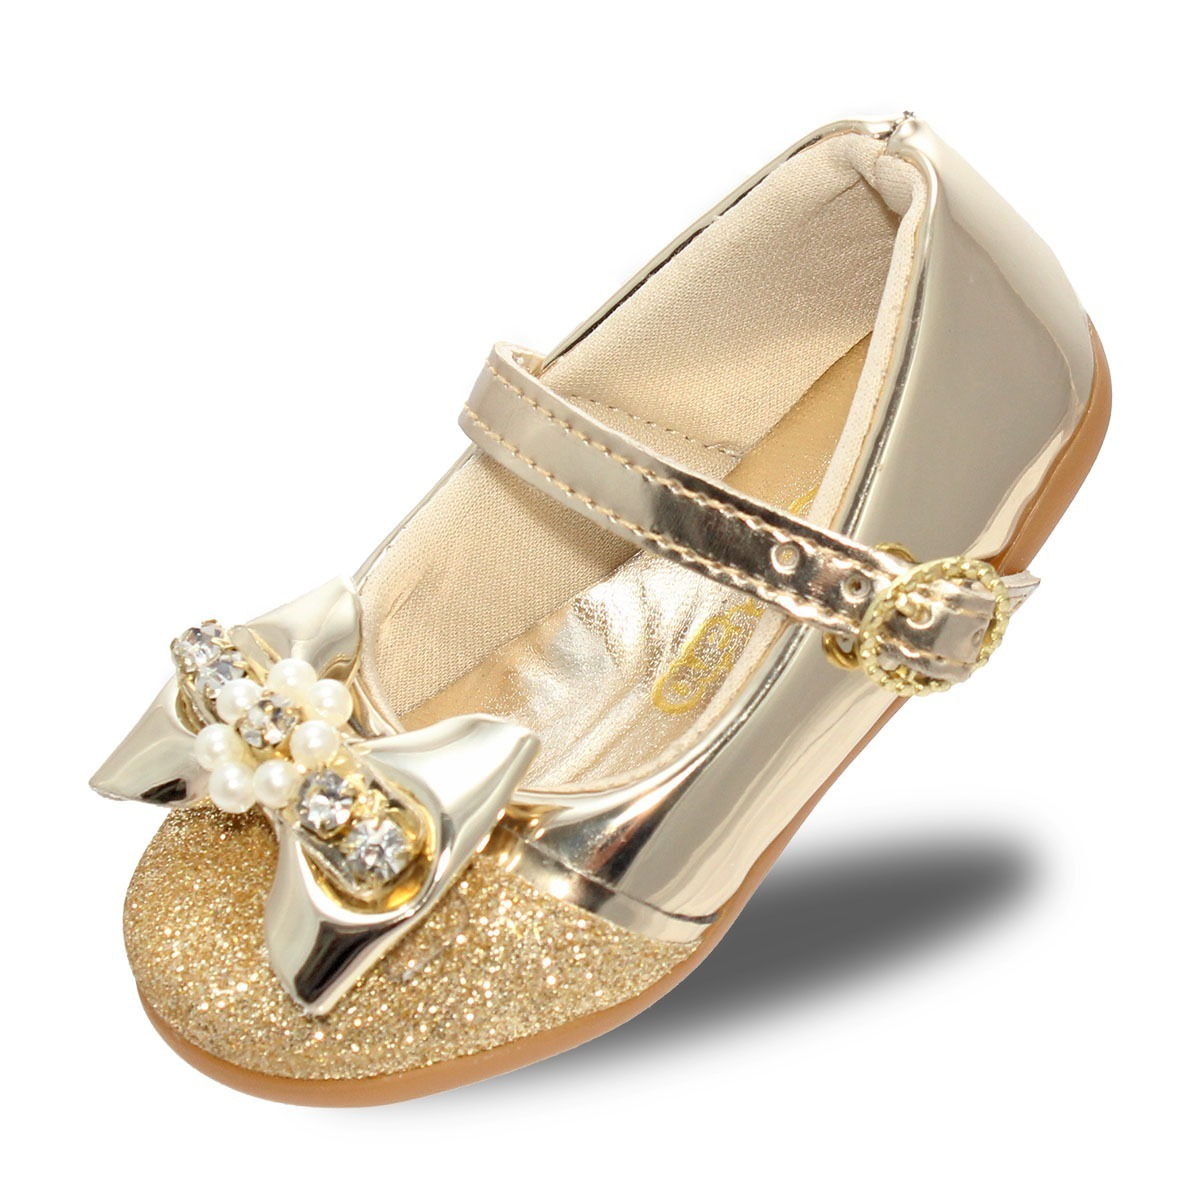 5ad2c6ca1 sapatilha sapato infantil feminina meninas dourado promoção. Carregando  zoom.